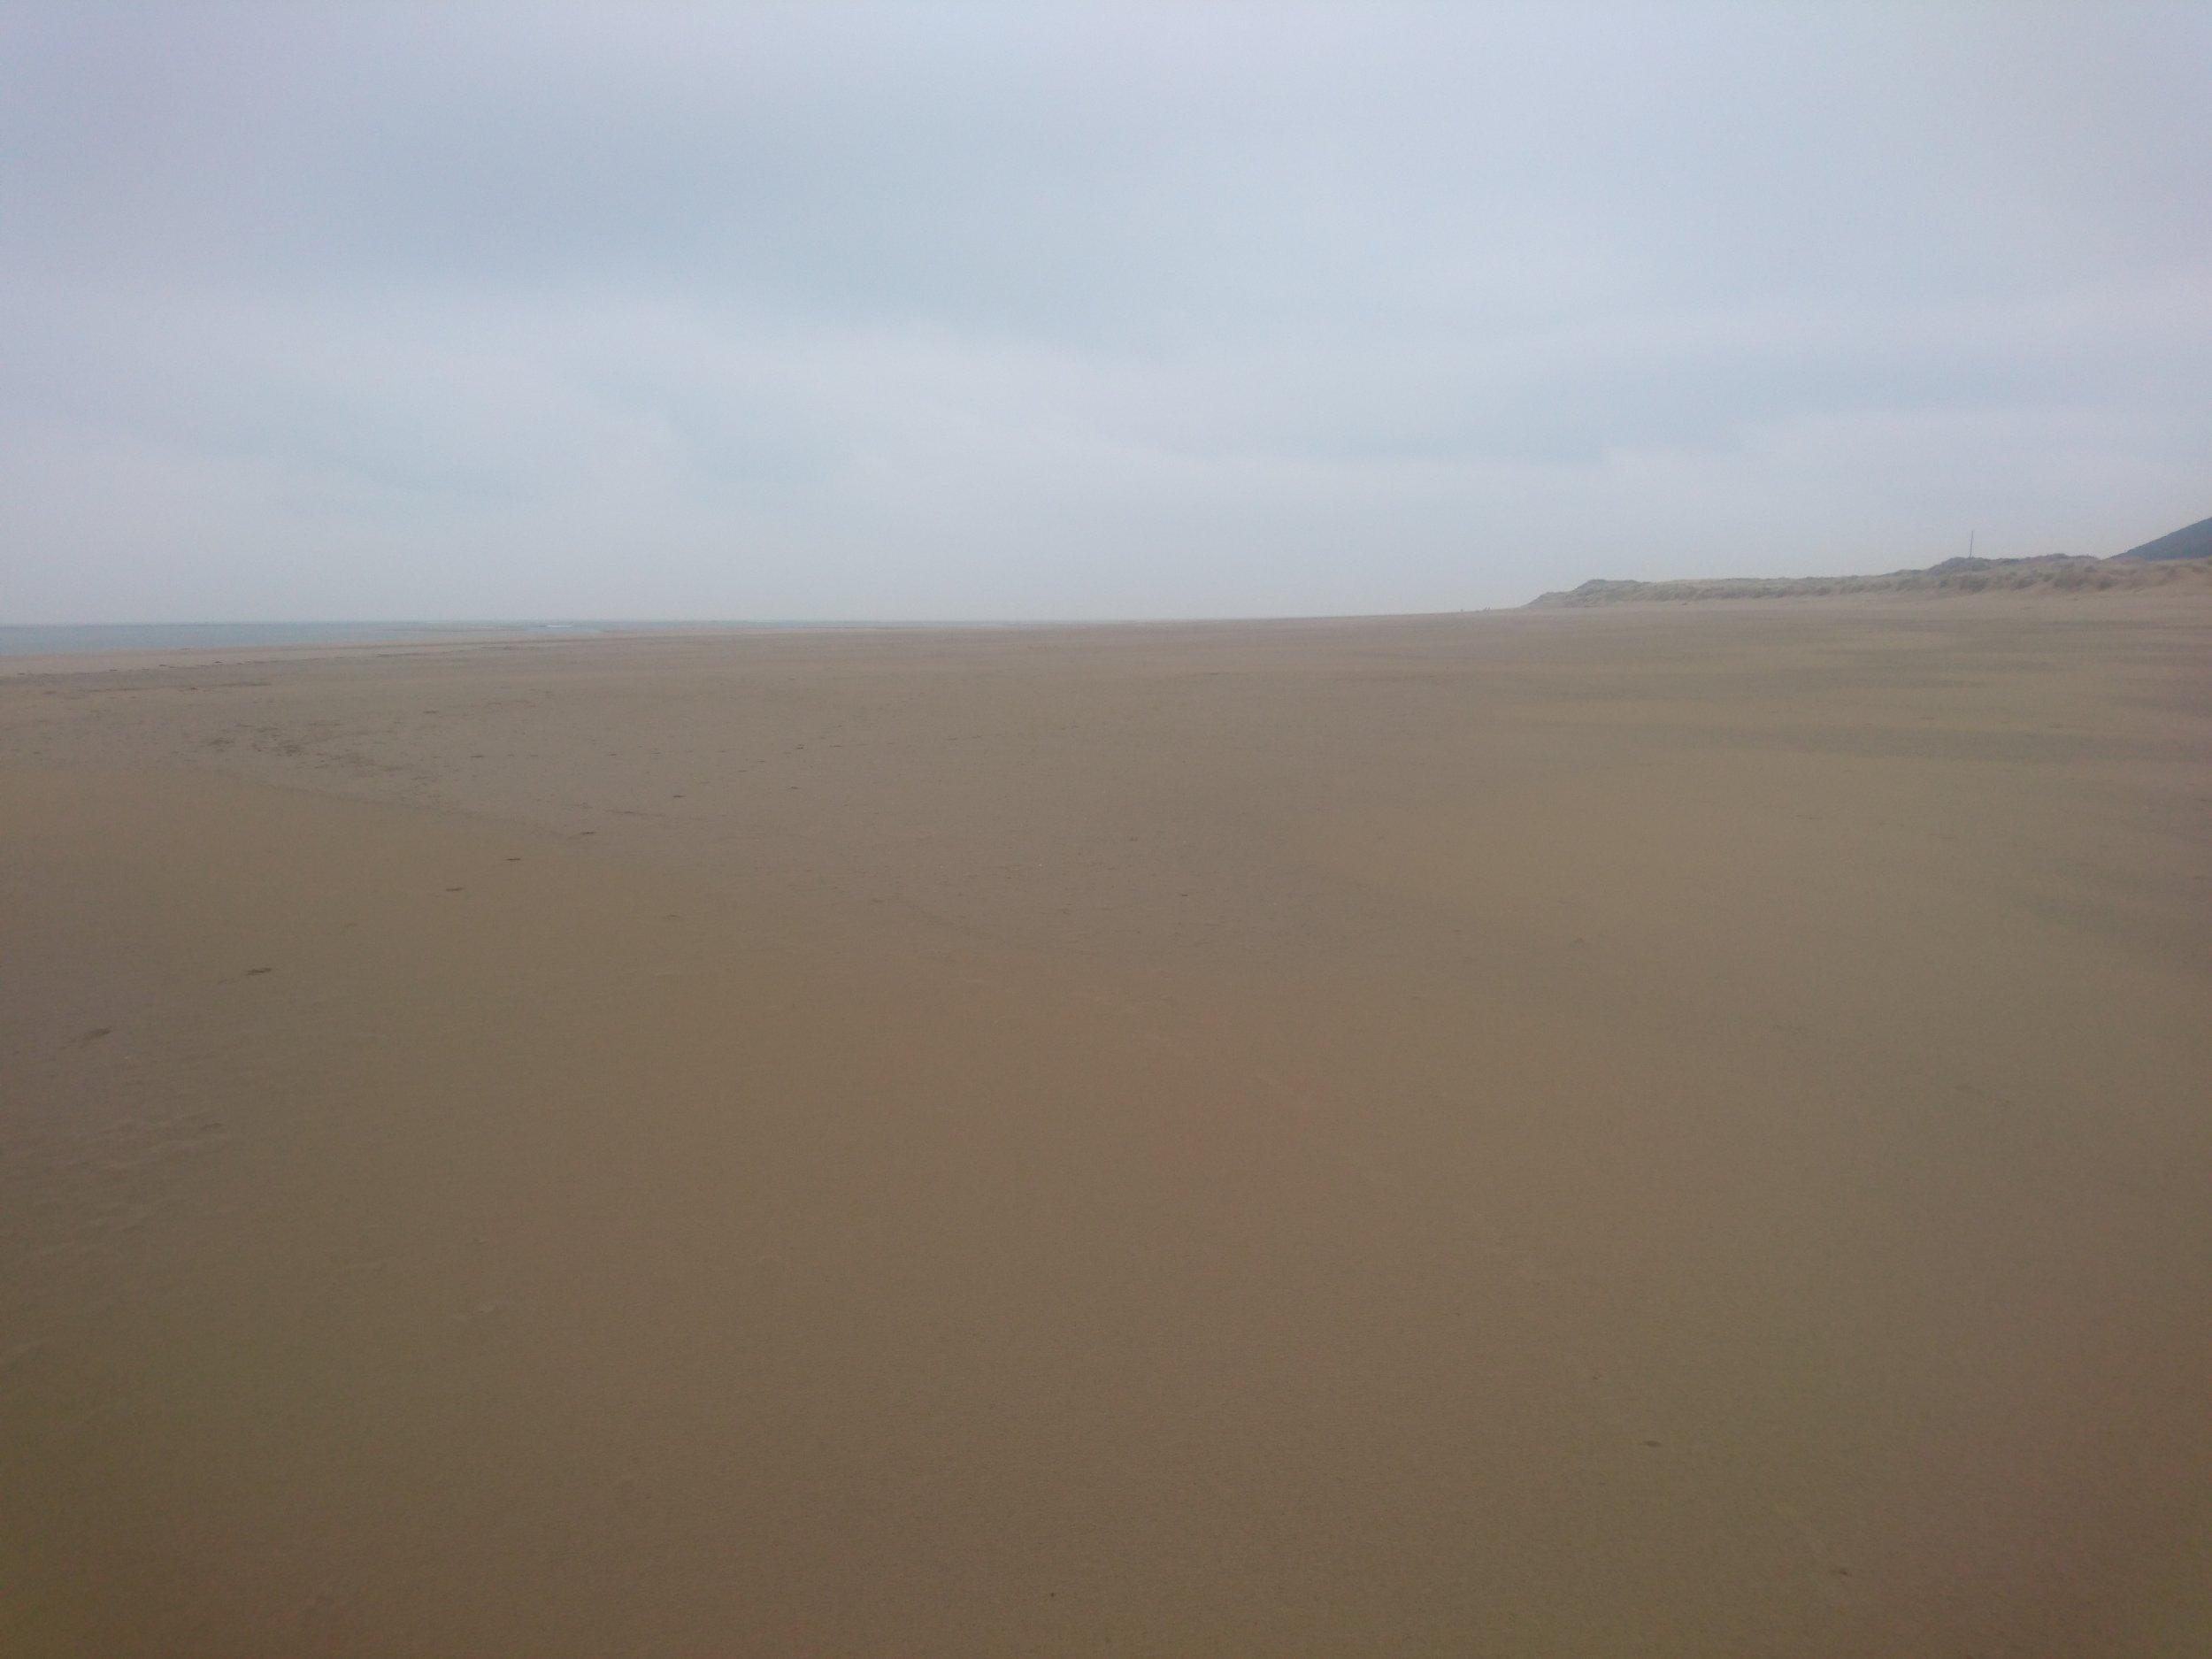 Aberdovey Sands